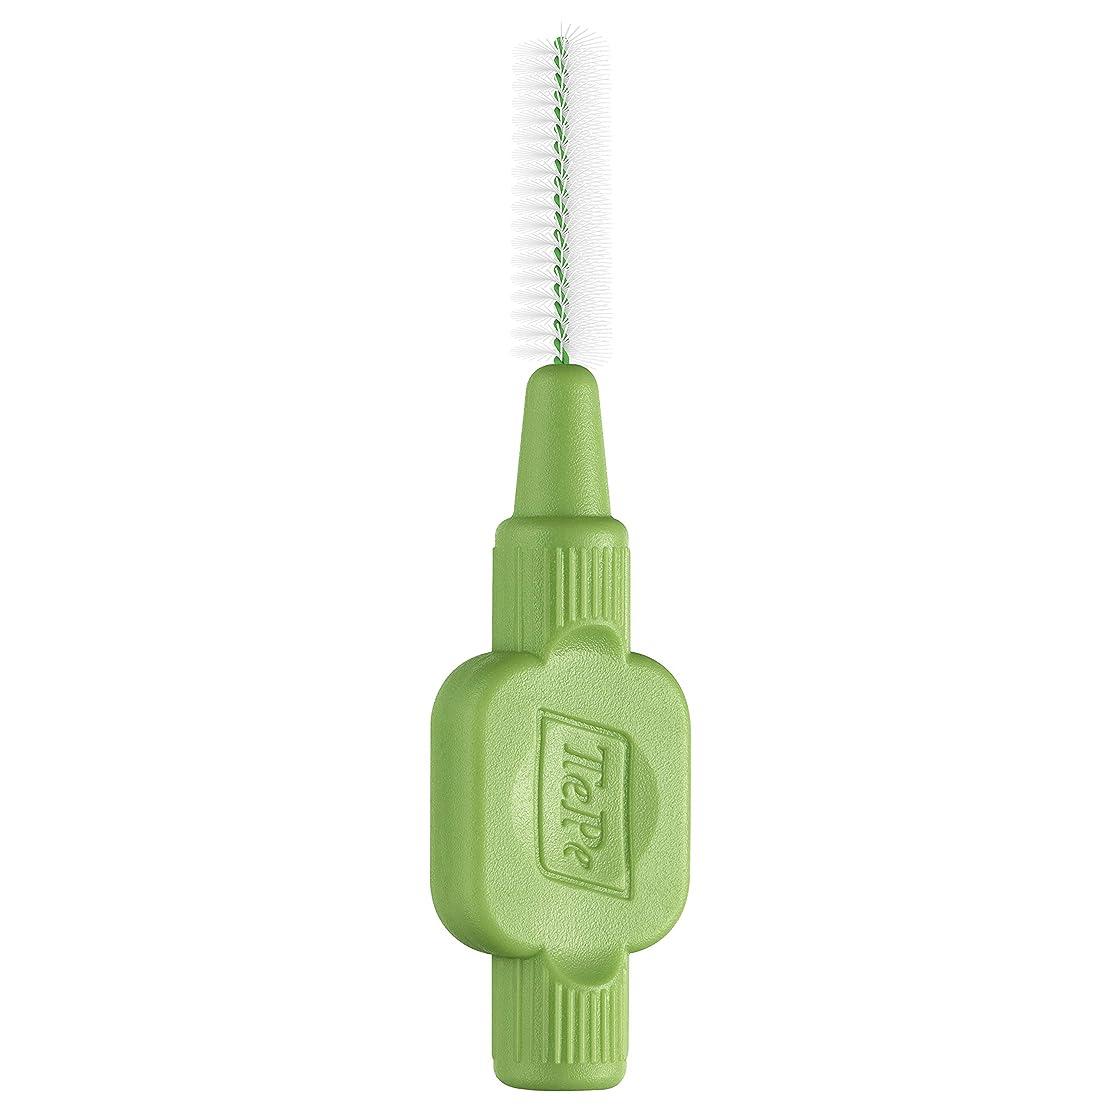 リクルート賢明な手順Tepe Green Interdental Brush 0.8mm 25 Pack by TePe